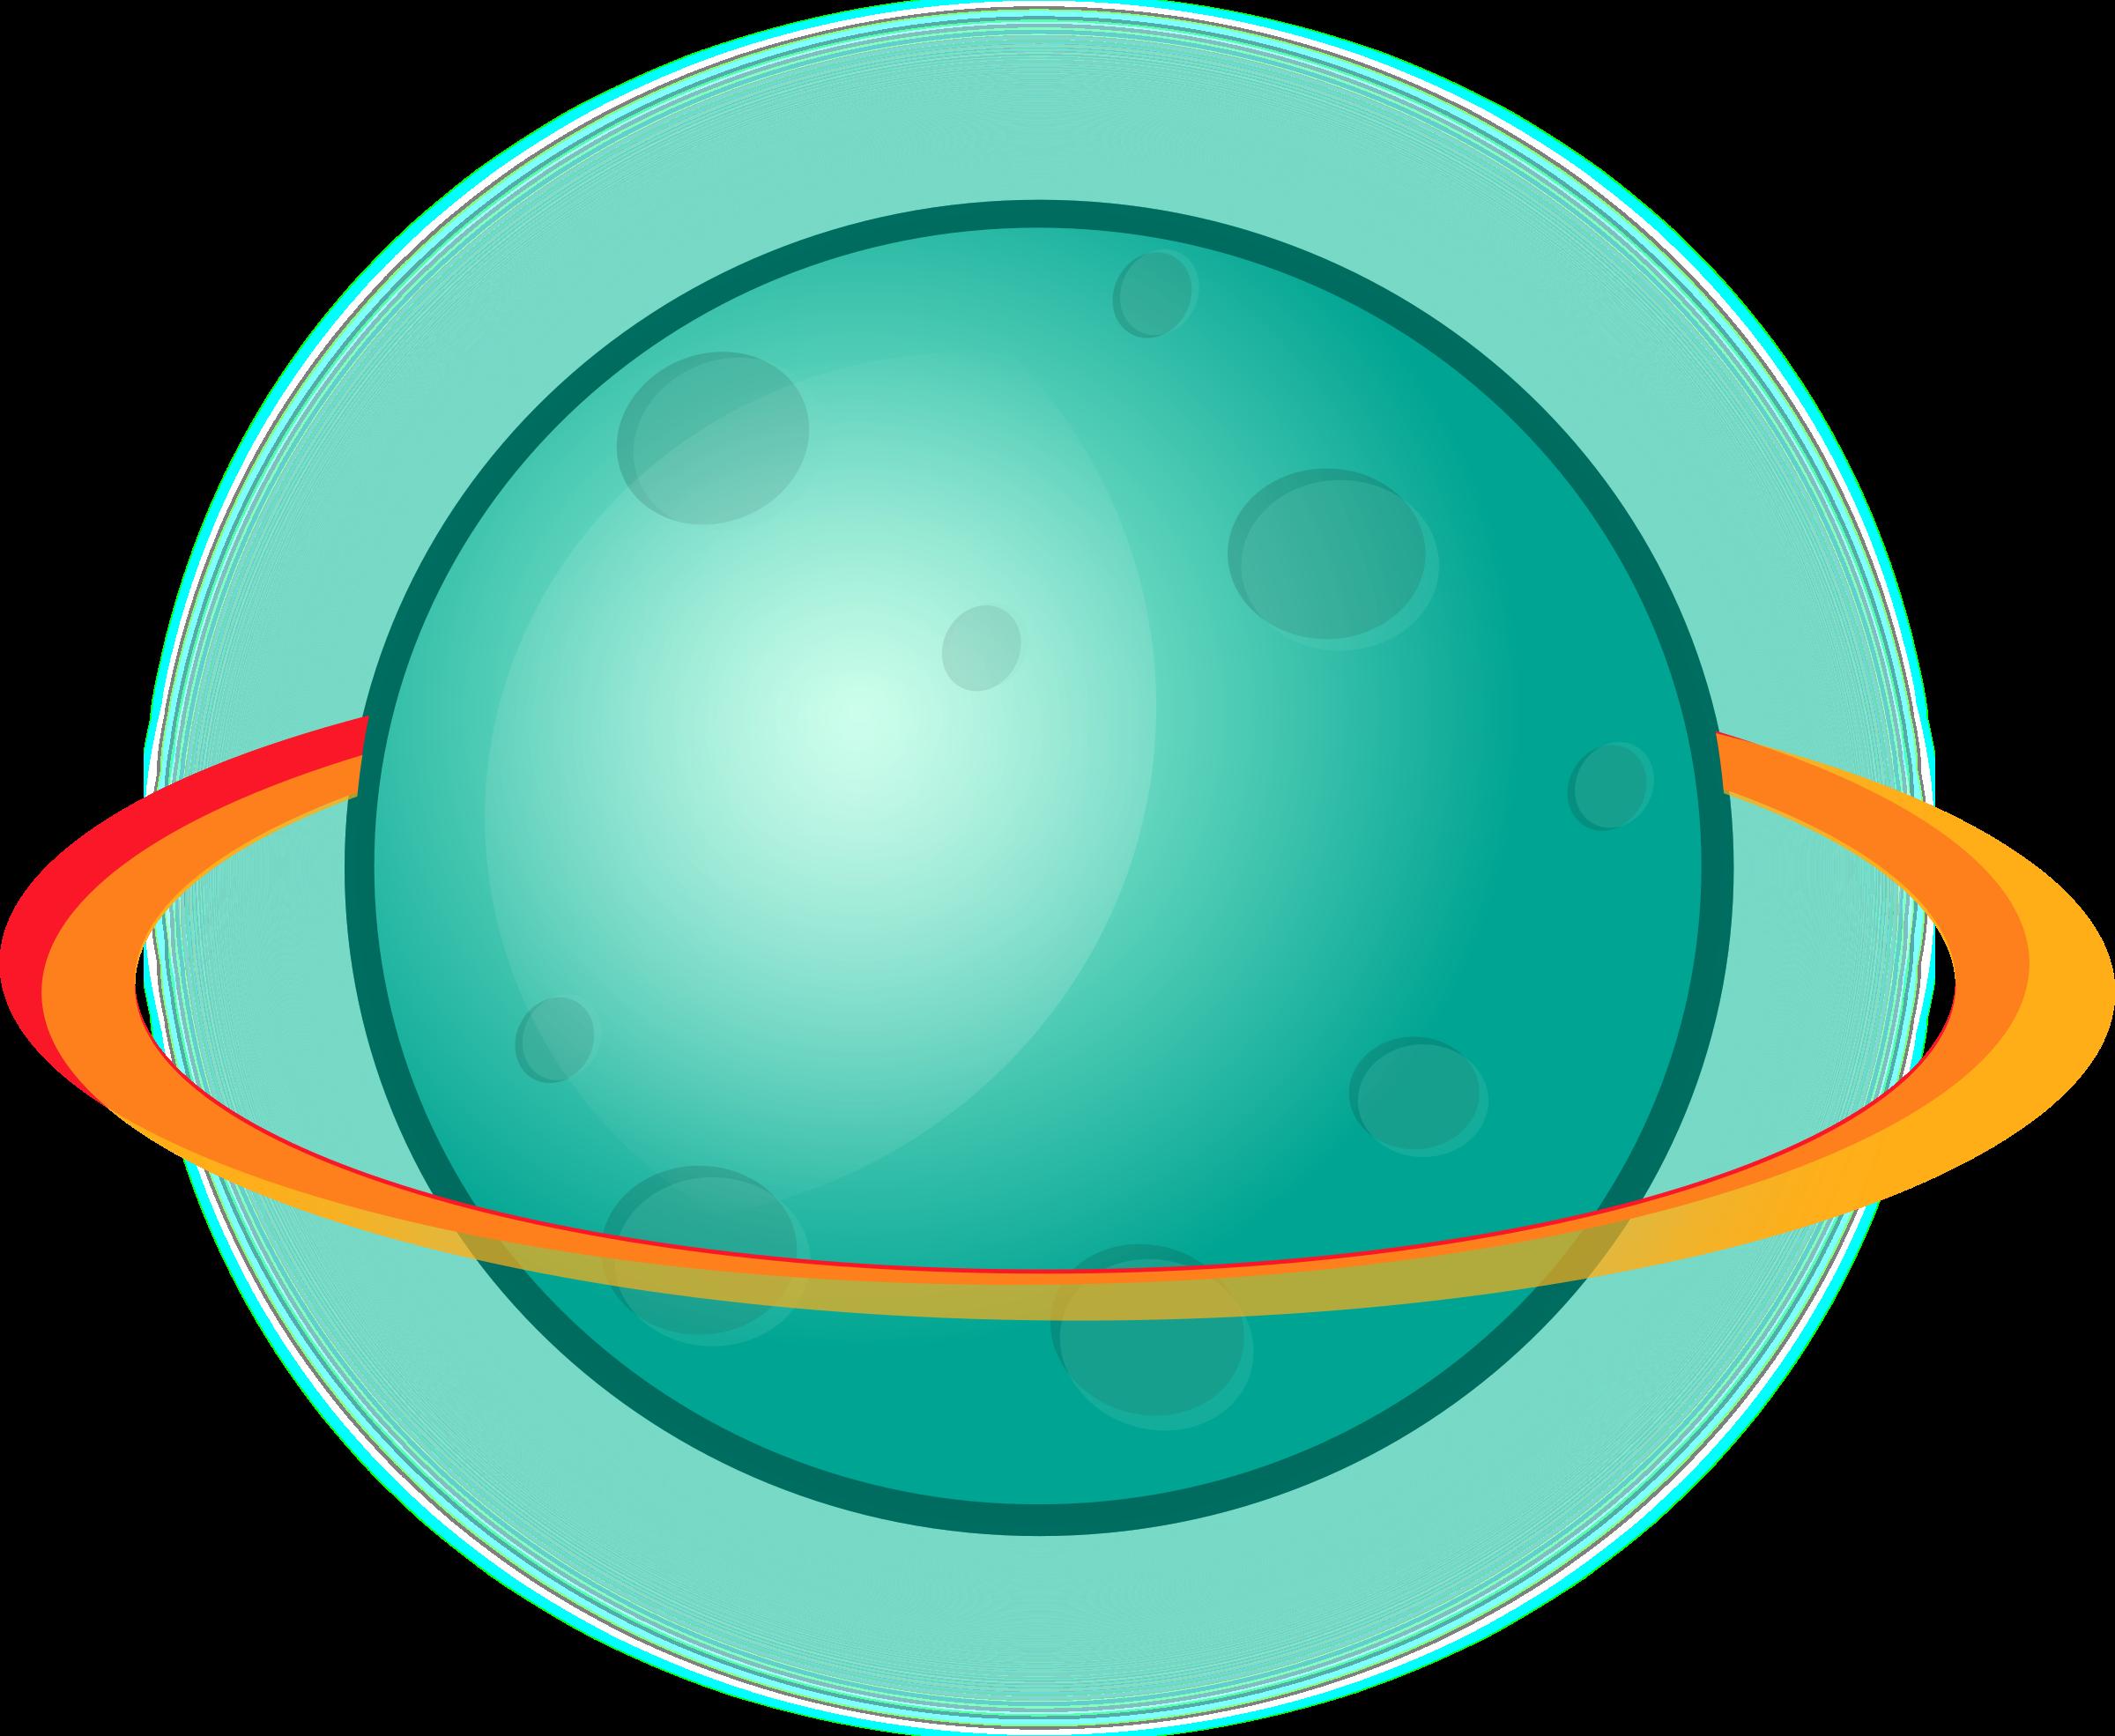 2400x1970 Planets Clipart Transparent